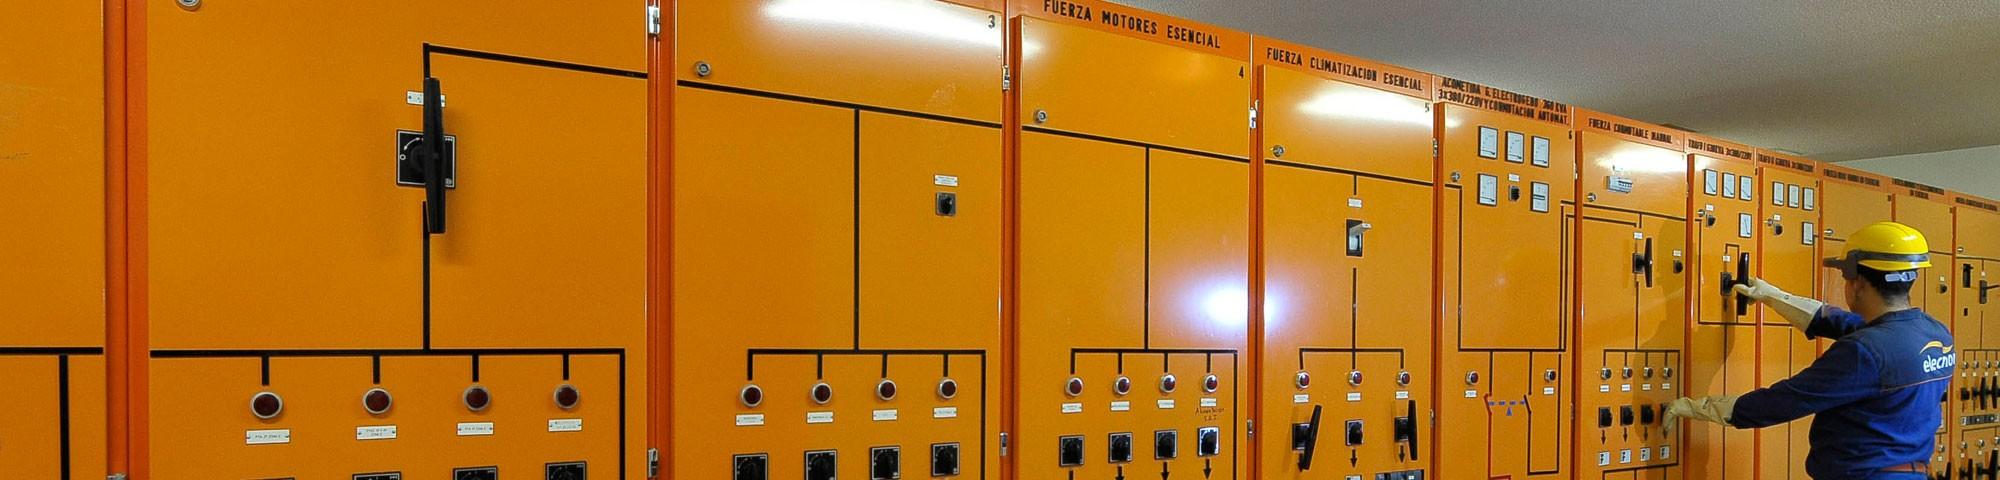 slider-img-section-negocios-elecnor-infraestructuras-mantenimiento-eficiencia-energia